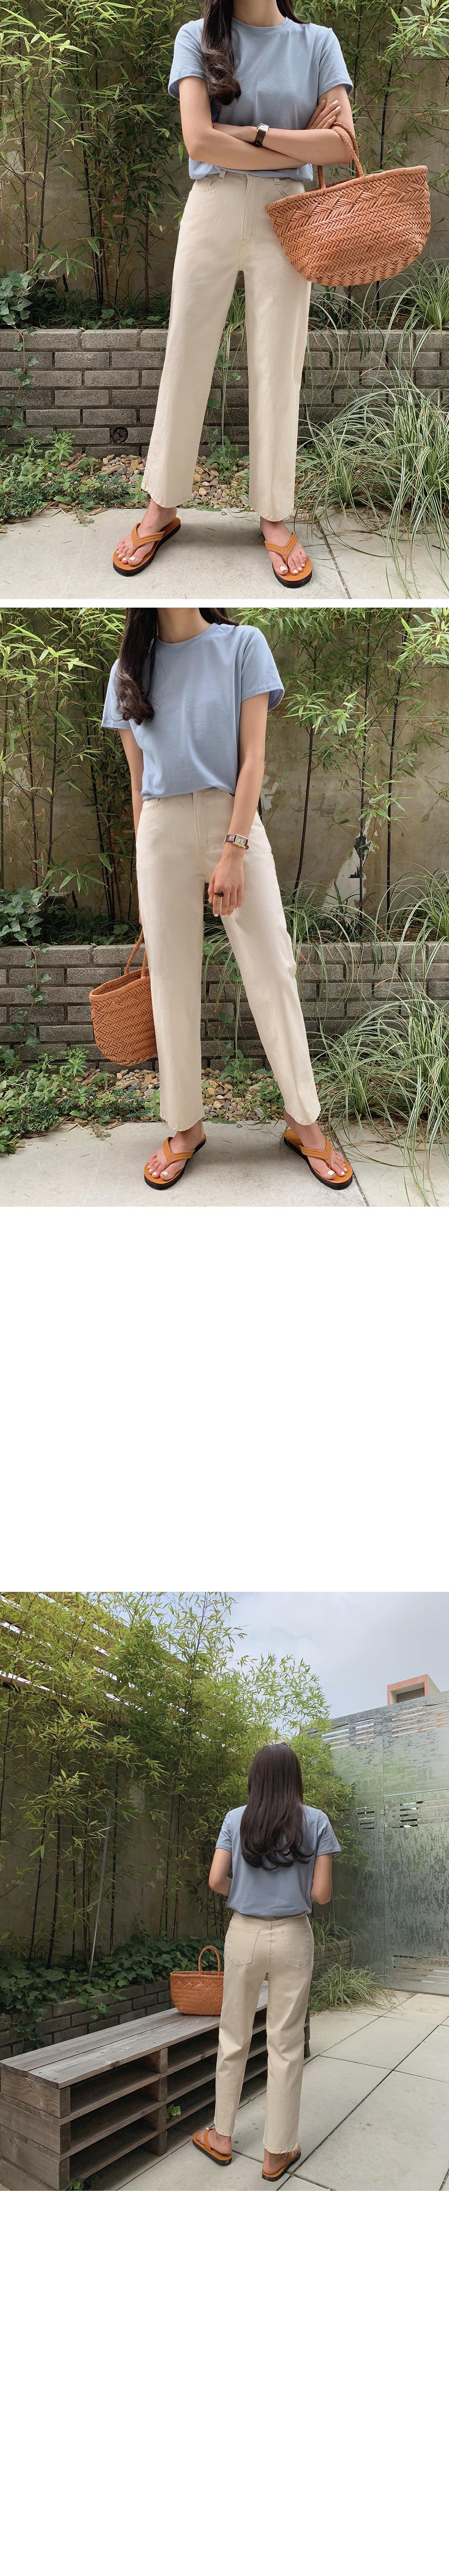 Spancino semi-boy pants